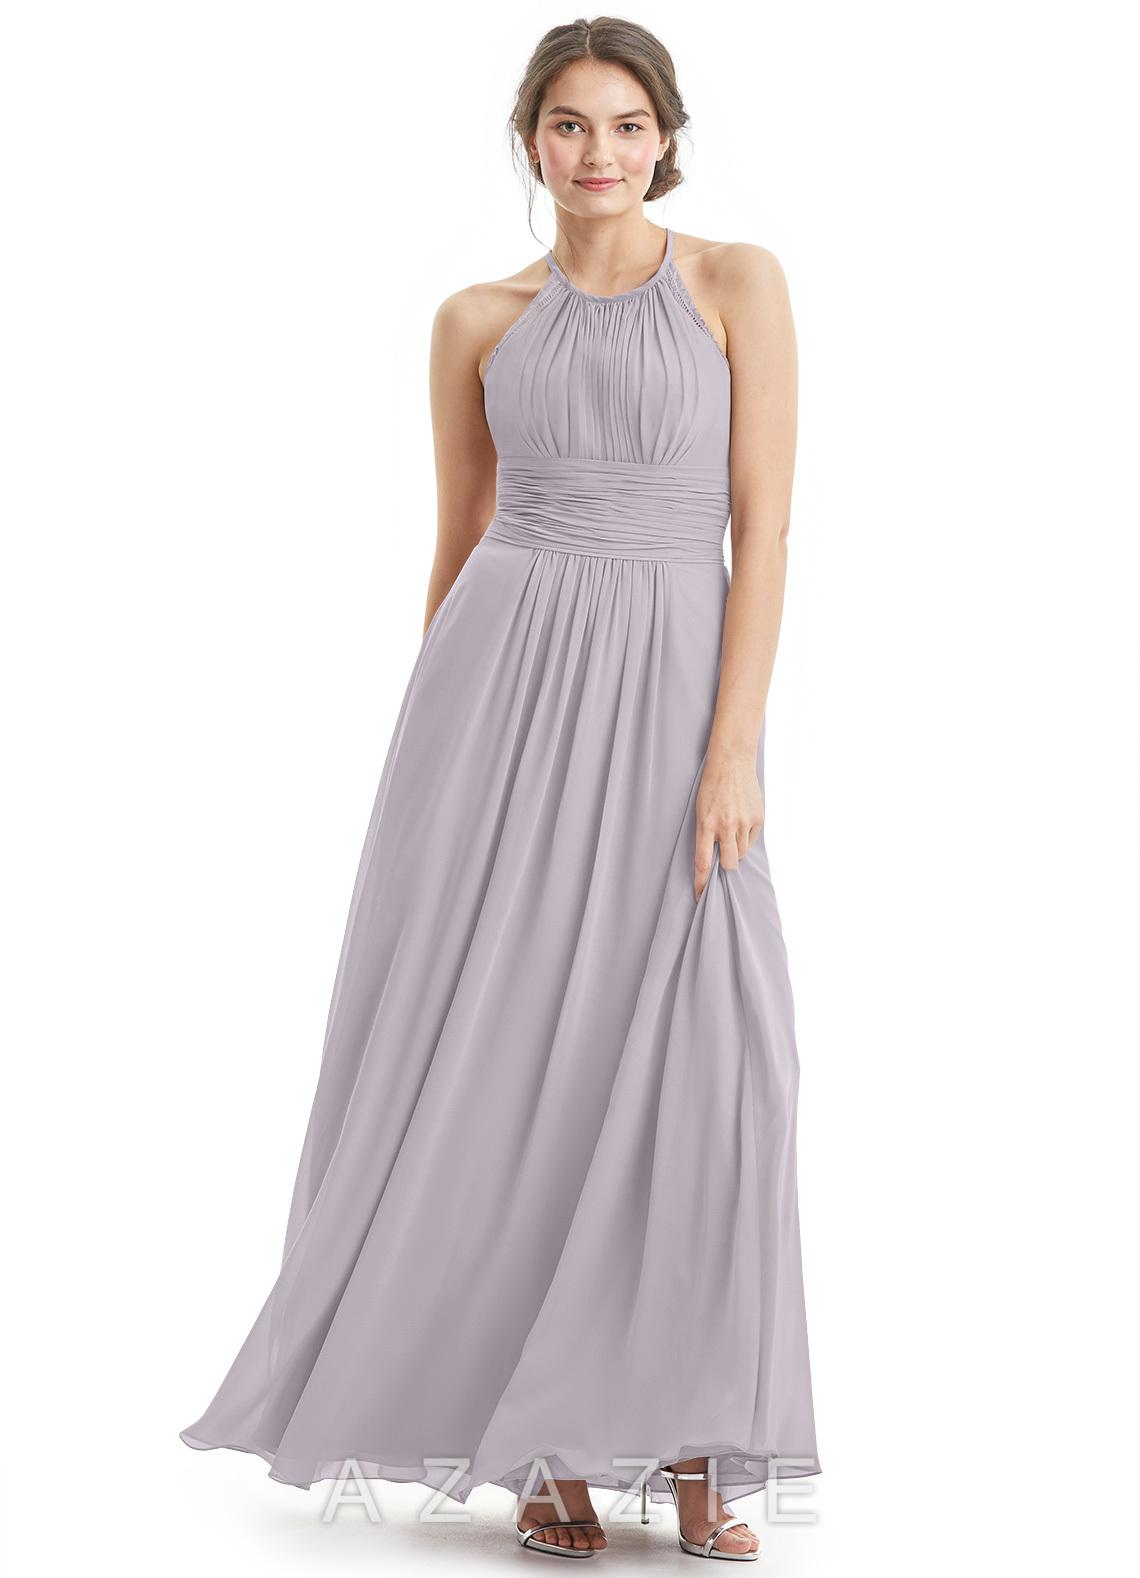 Azazie Azazie Darcy/389049 Bridesmaid Dress | Used, Size